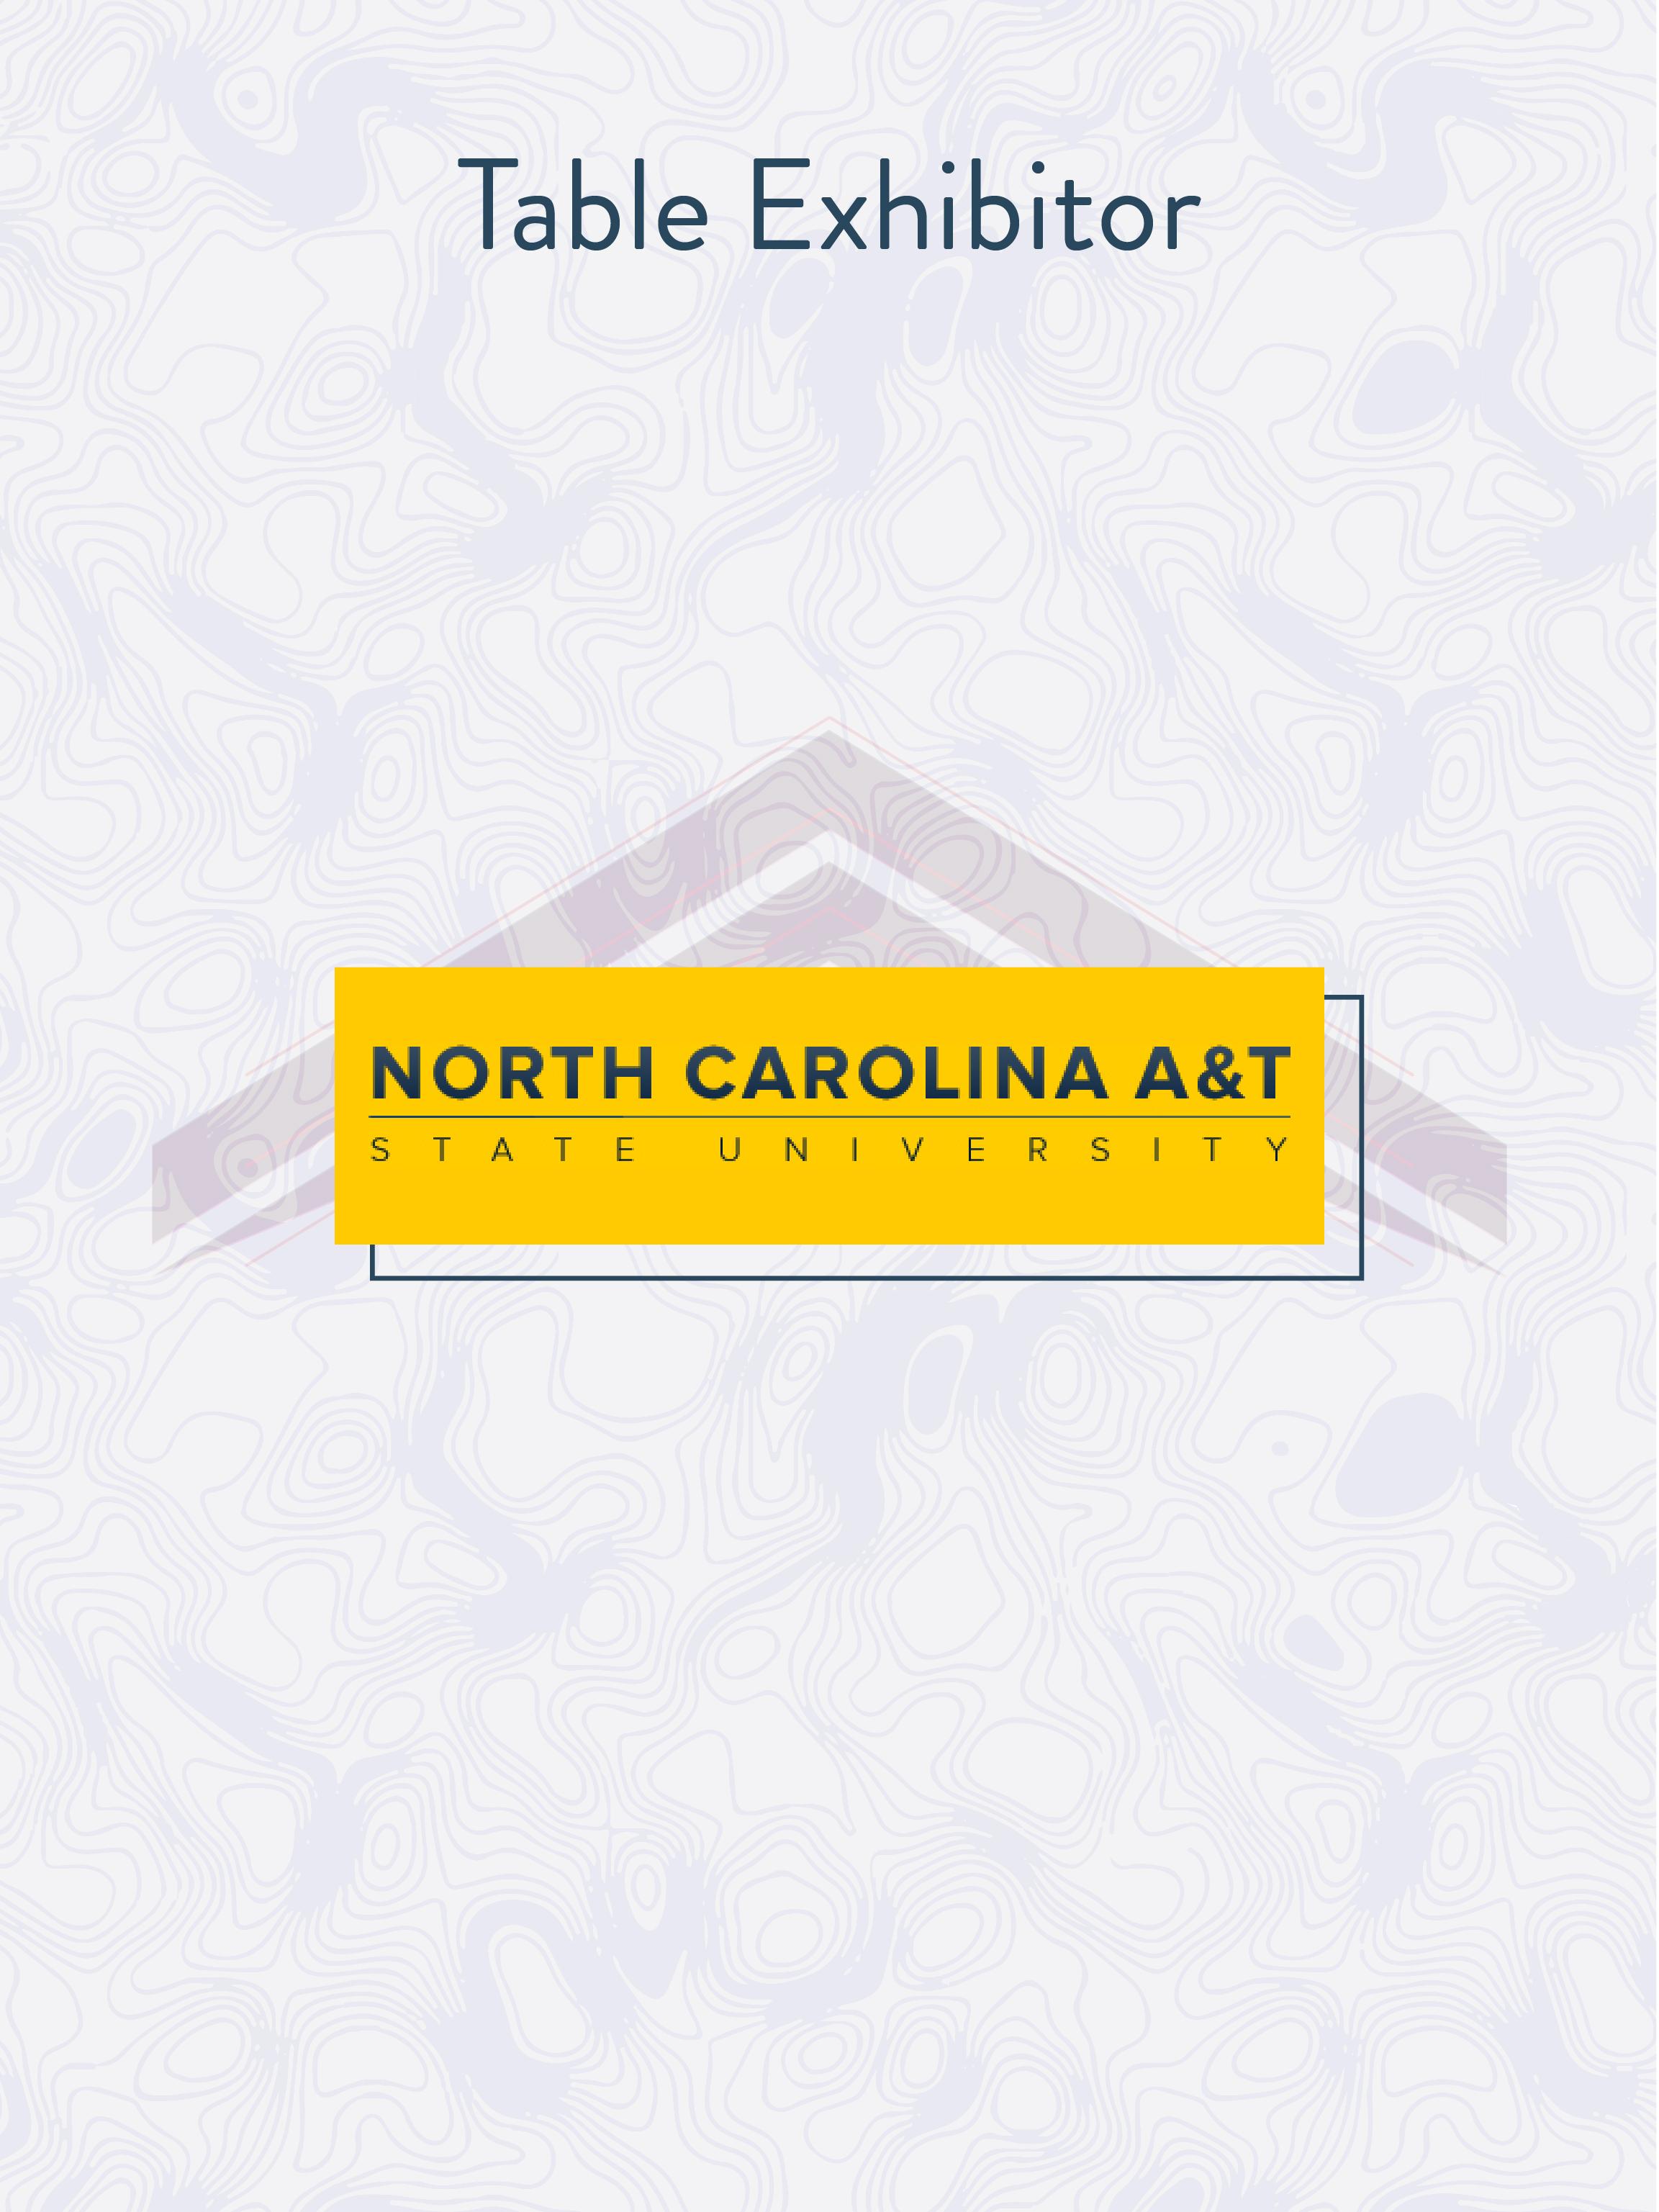 NC A&T.jpg